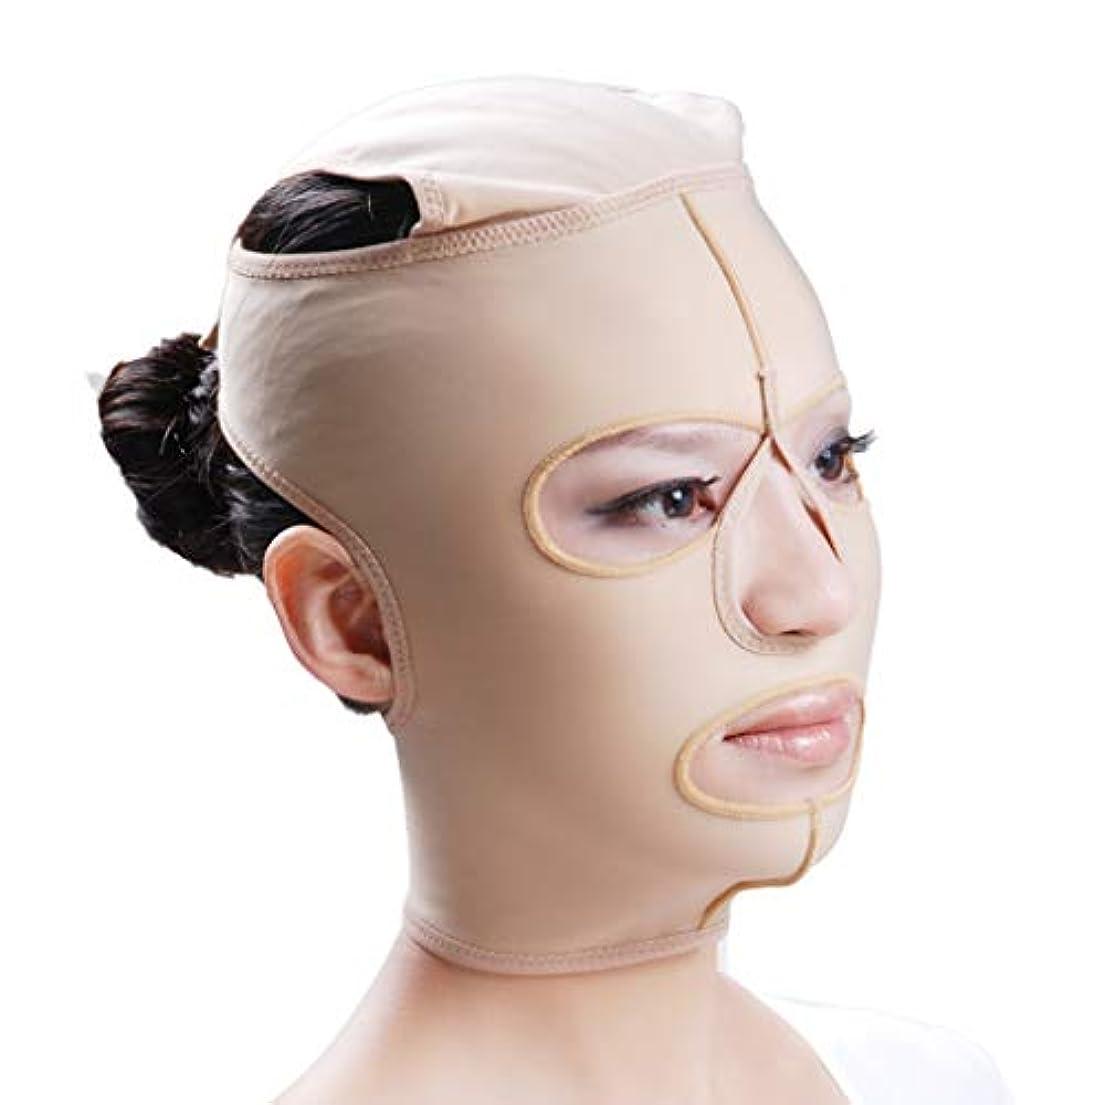 汚い身元時XHLMRMJ フェイスリフトマスク、フルフェイスマスク医療グレード圧力フェイスダブルチンプラスチック脂肪吸引術弾性包帯ヘッドギア後の顔の脂肪吸引術 (Size : M)